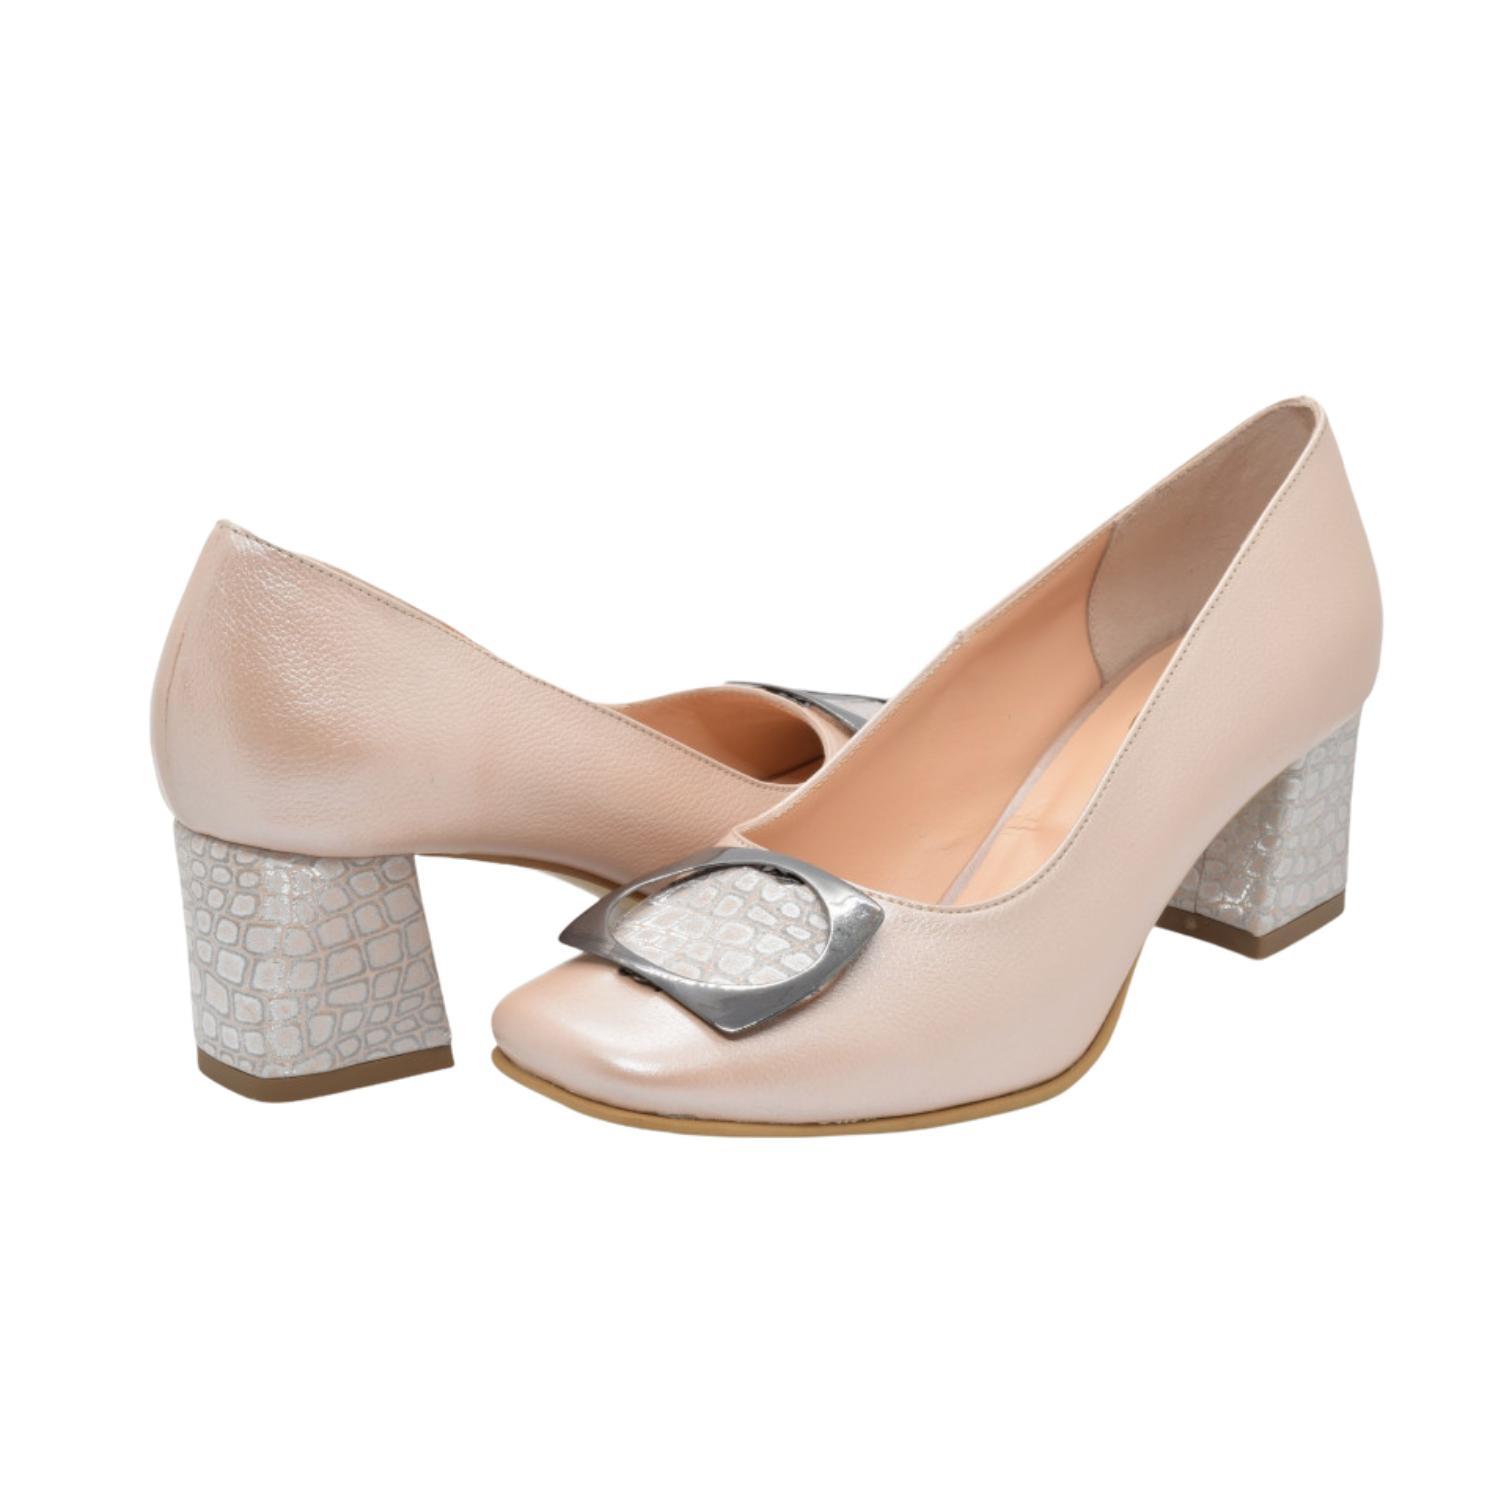 Pantofi pudra cu accesoriu metalic si toc cu imprimeu